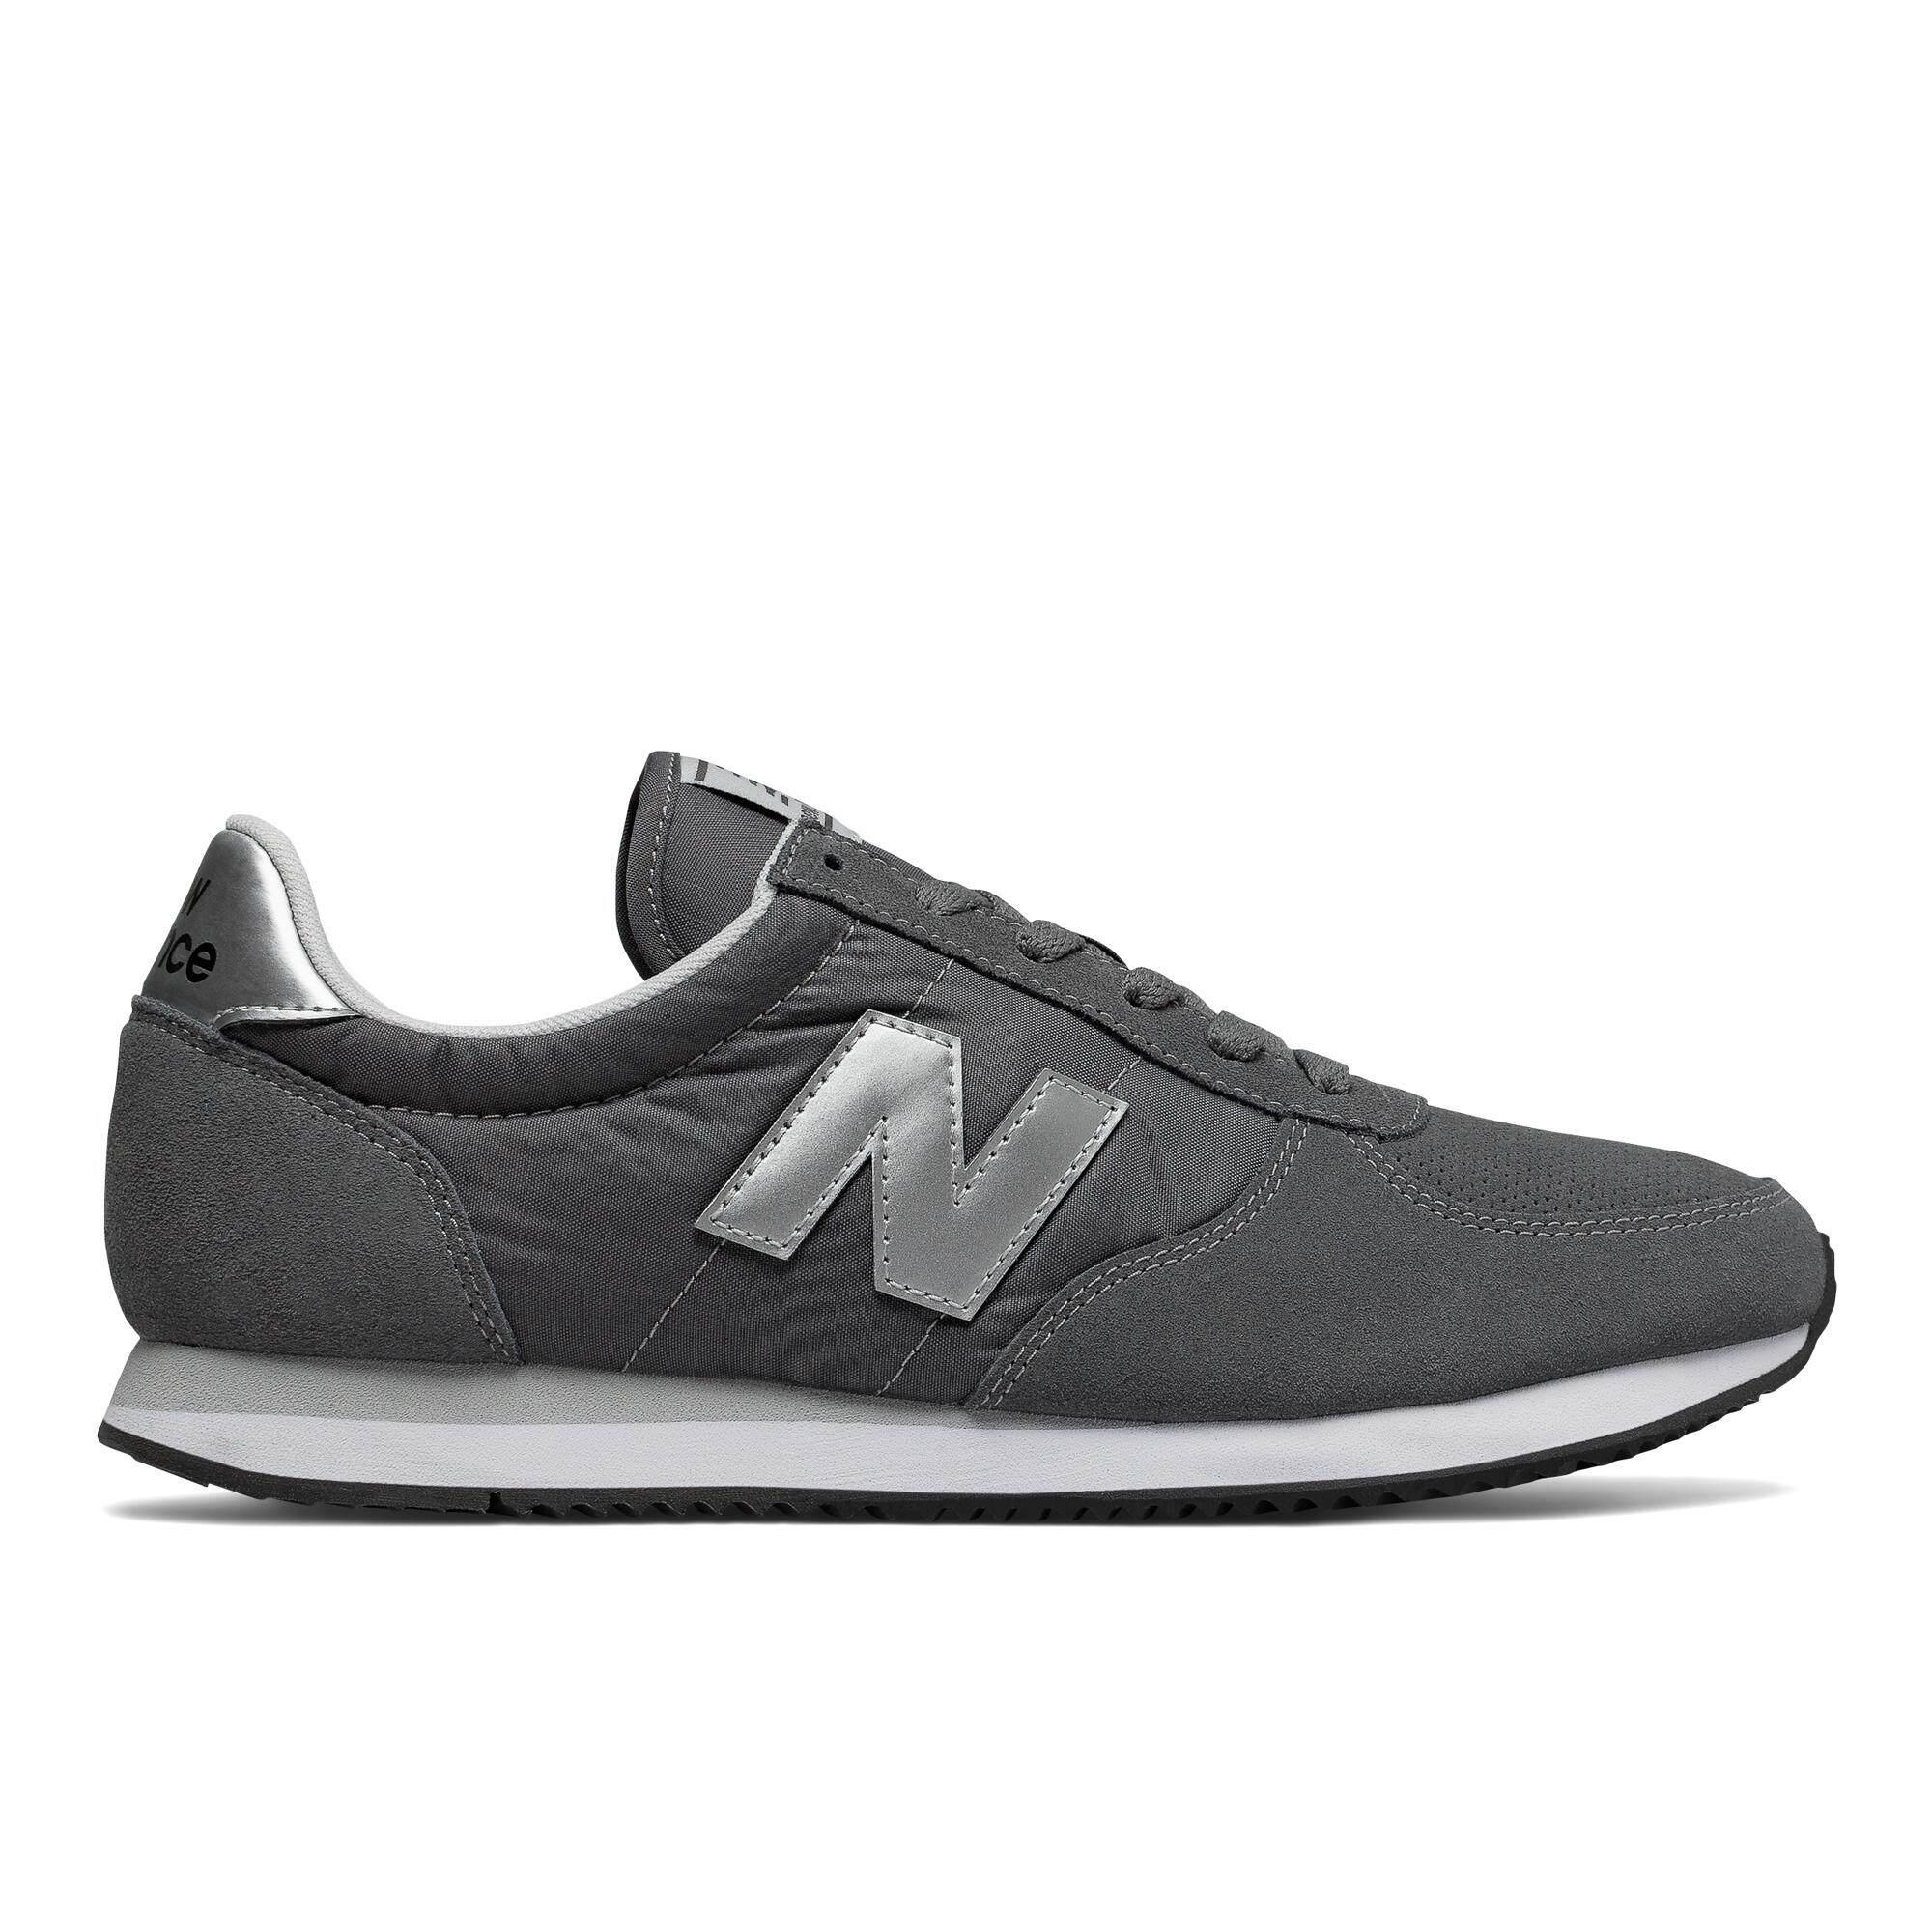 New Balance Unisex Lifestyle Shoes